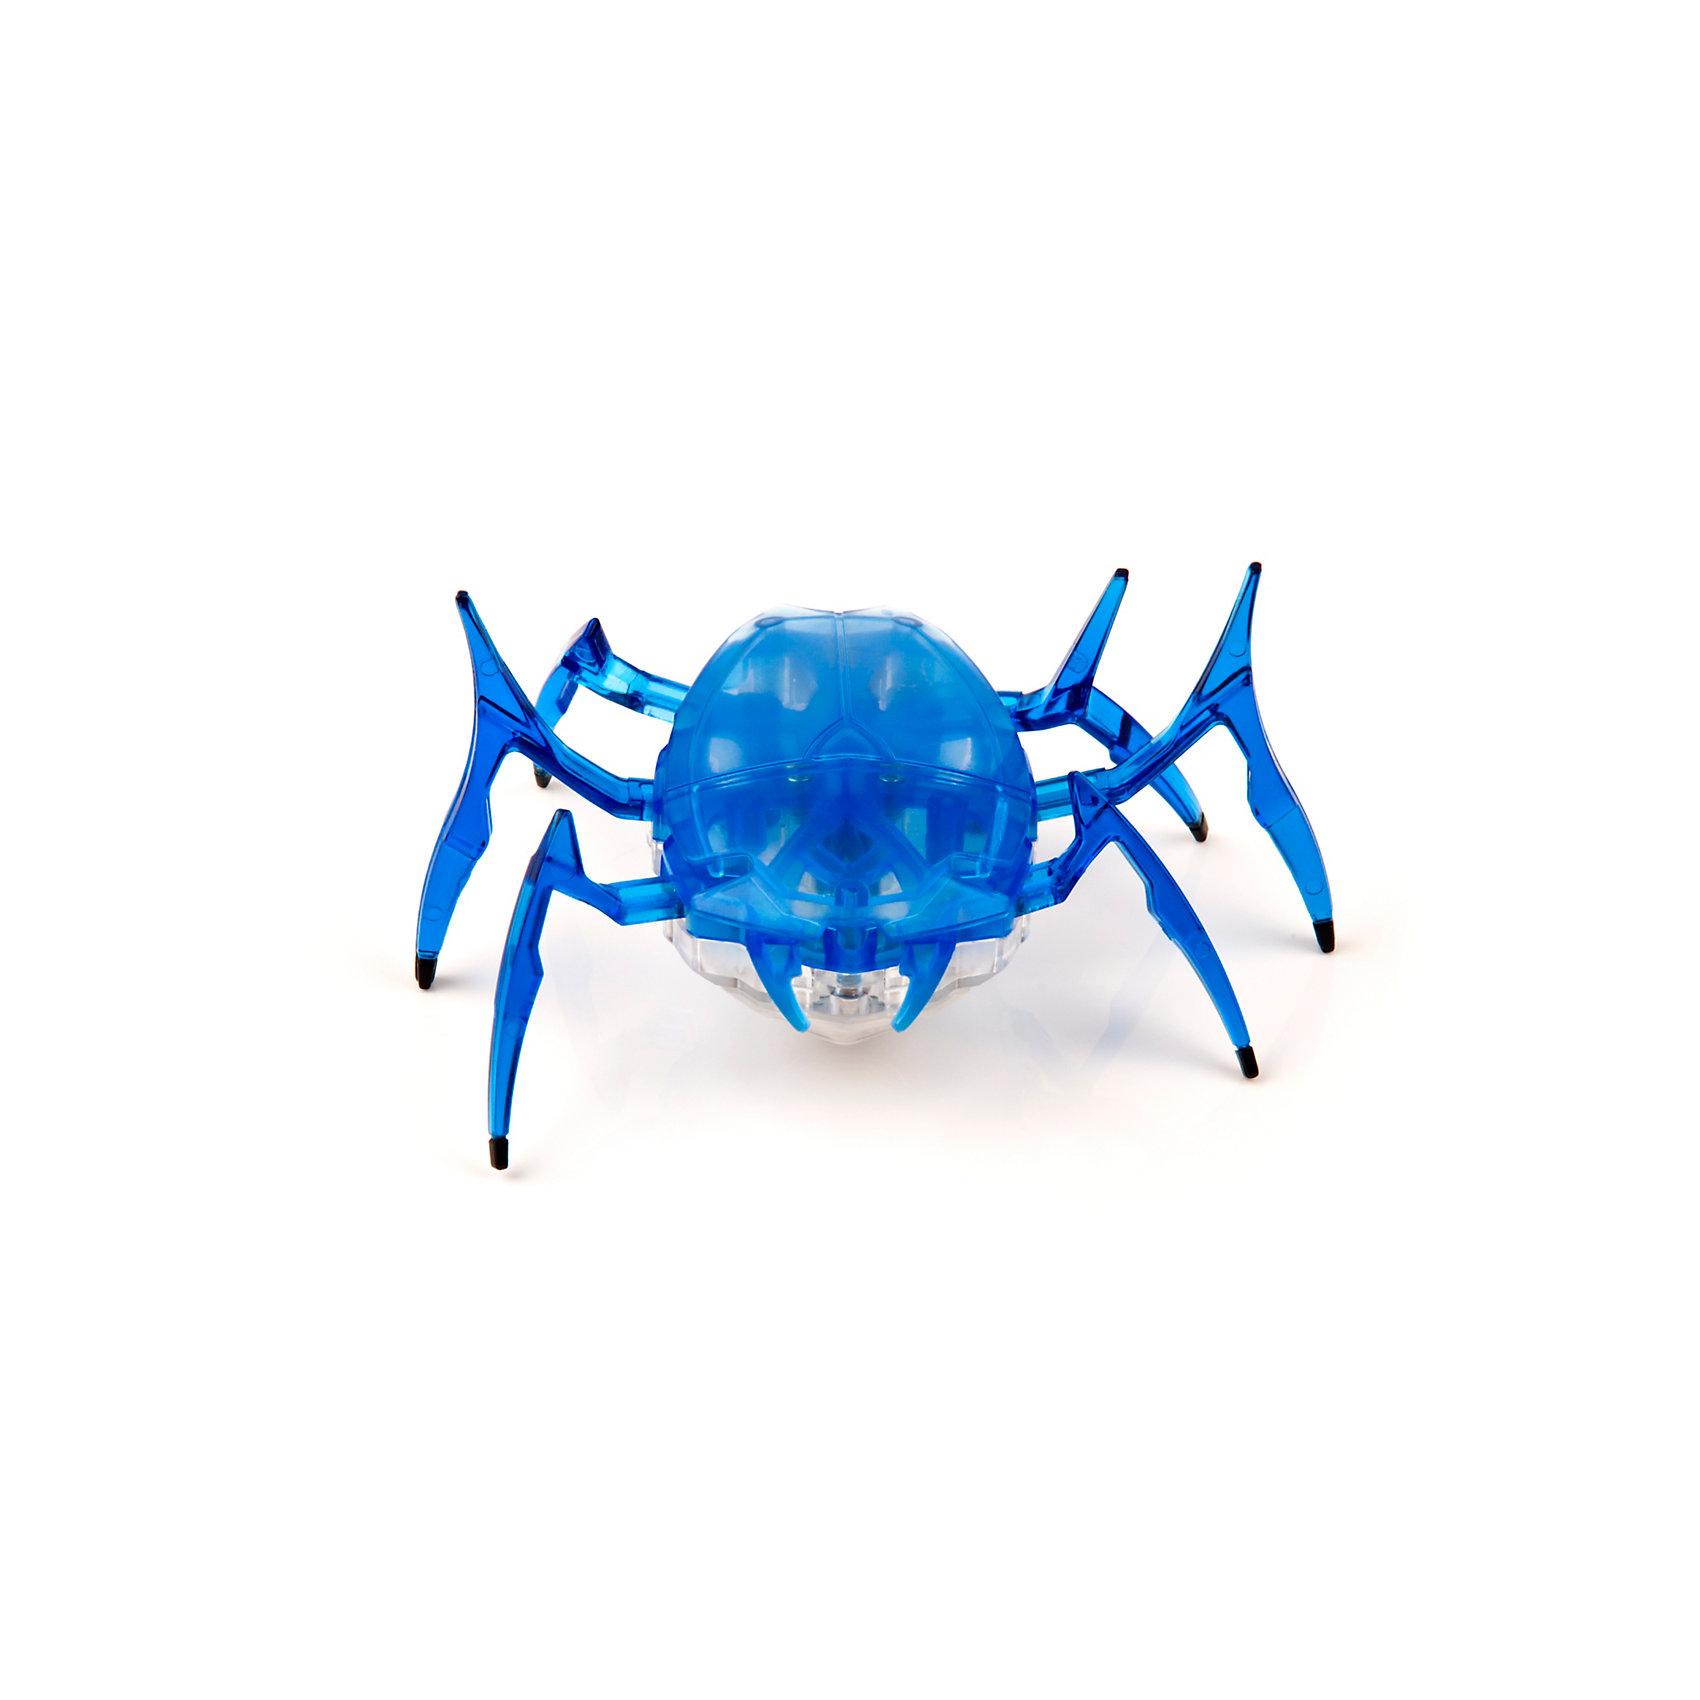 Микро-робот Жук Скарабей, синий, HexbugИнтерактивные животные<br>Наноробот Hexbug Жук Скарабей.<br><br>Характеристики электронной игрушки Hexbug:<br><br>• строение тела: крупное овальное тело, выпуклое сверху и снизу;<br>• количество лап: 3 пары;<br>• специальная конструкция лапок для достижение максимальной скорости;<br>• передвигается только на своих лапках;<br>• супербыстрый наноробот, присутствует агрессивность;<br>• 12 передач и мощнейший моторчик – 1220 раз в минуту жук Скарабей передвигает лапками;<br>• специальный привод, случайность траектории движения;<br>• при встрече с препятствием: мелкий предмет отодвигает лапками, от большого предмета отпрыгивает в поисках новой траектории движения;<br>• при падении на спину жук Hexbug Nano переворачивается на лапки;<br>• размер скарабея: 8,2х4,1х5,7 см;<br>• вес наноробота: 28,5 г.<br><br>Современные и технологичные электронные игрушки Hexbug Nano – это скоростные жуки Скарабеи, быстрые, шустрые, умные. Бегают по случайно выбранной траектории, отталкиваются и переворачиваются после падения. Настоящий прорыв в области подвижных микро-роботов!<br><br>Микро-робот Жук Скарабей, синий, Hexbug можно купить в нашем интернет-магазине.<br><br>Ширина мм: 6<br>Глубина мм: 13<br>Высота мм: 11<br>Вес г: 47<br>Возраст от месяцев: 36<br>Возраст до месяцев: 2147483647<br>Пол: Унисекс<br>Возраст: Детский<br>SKU: 5007079